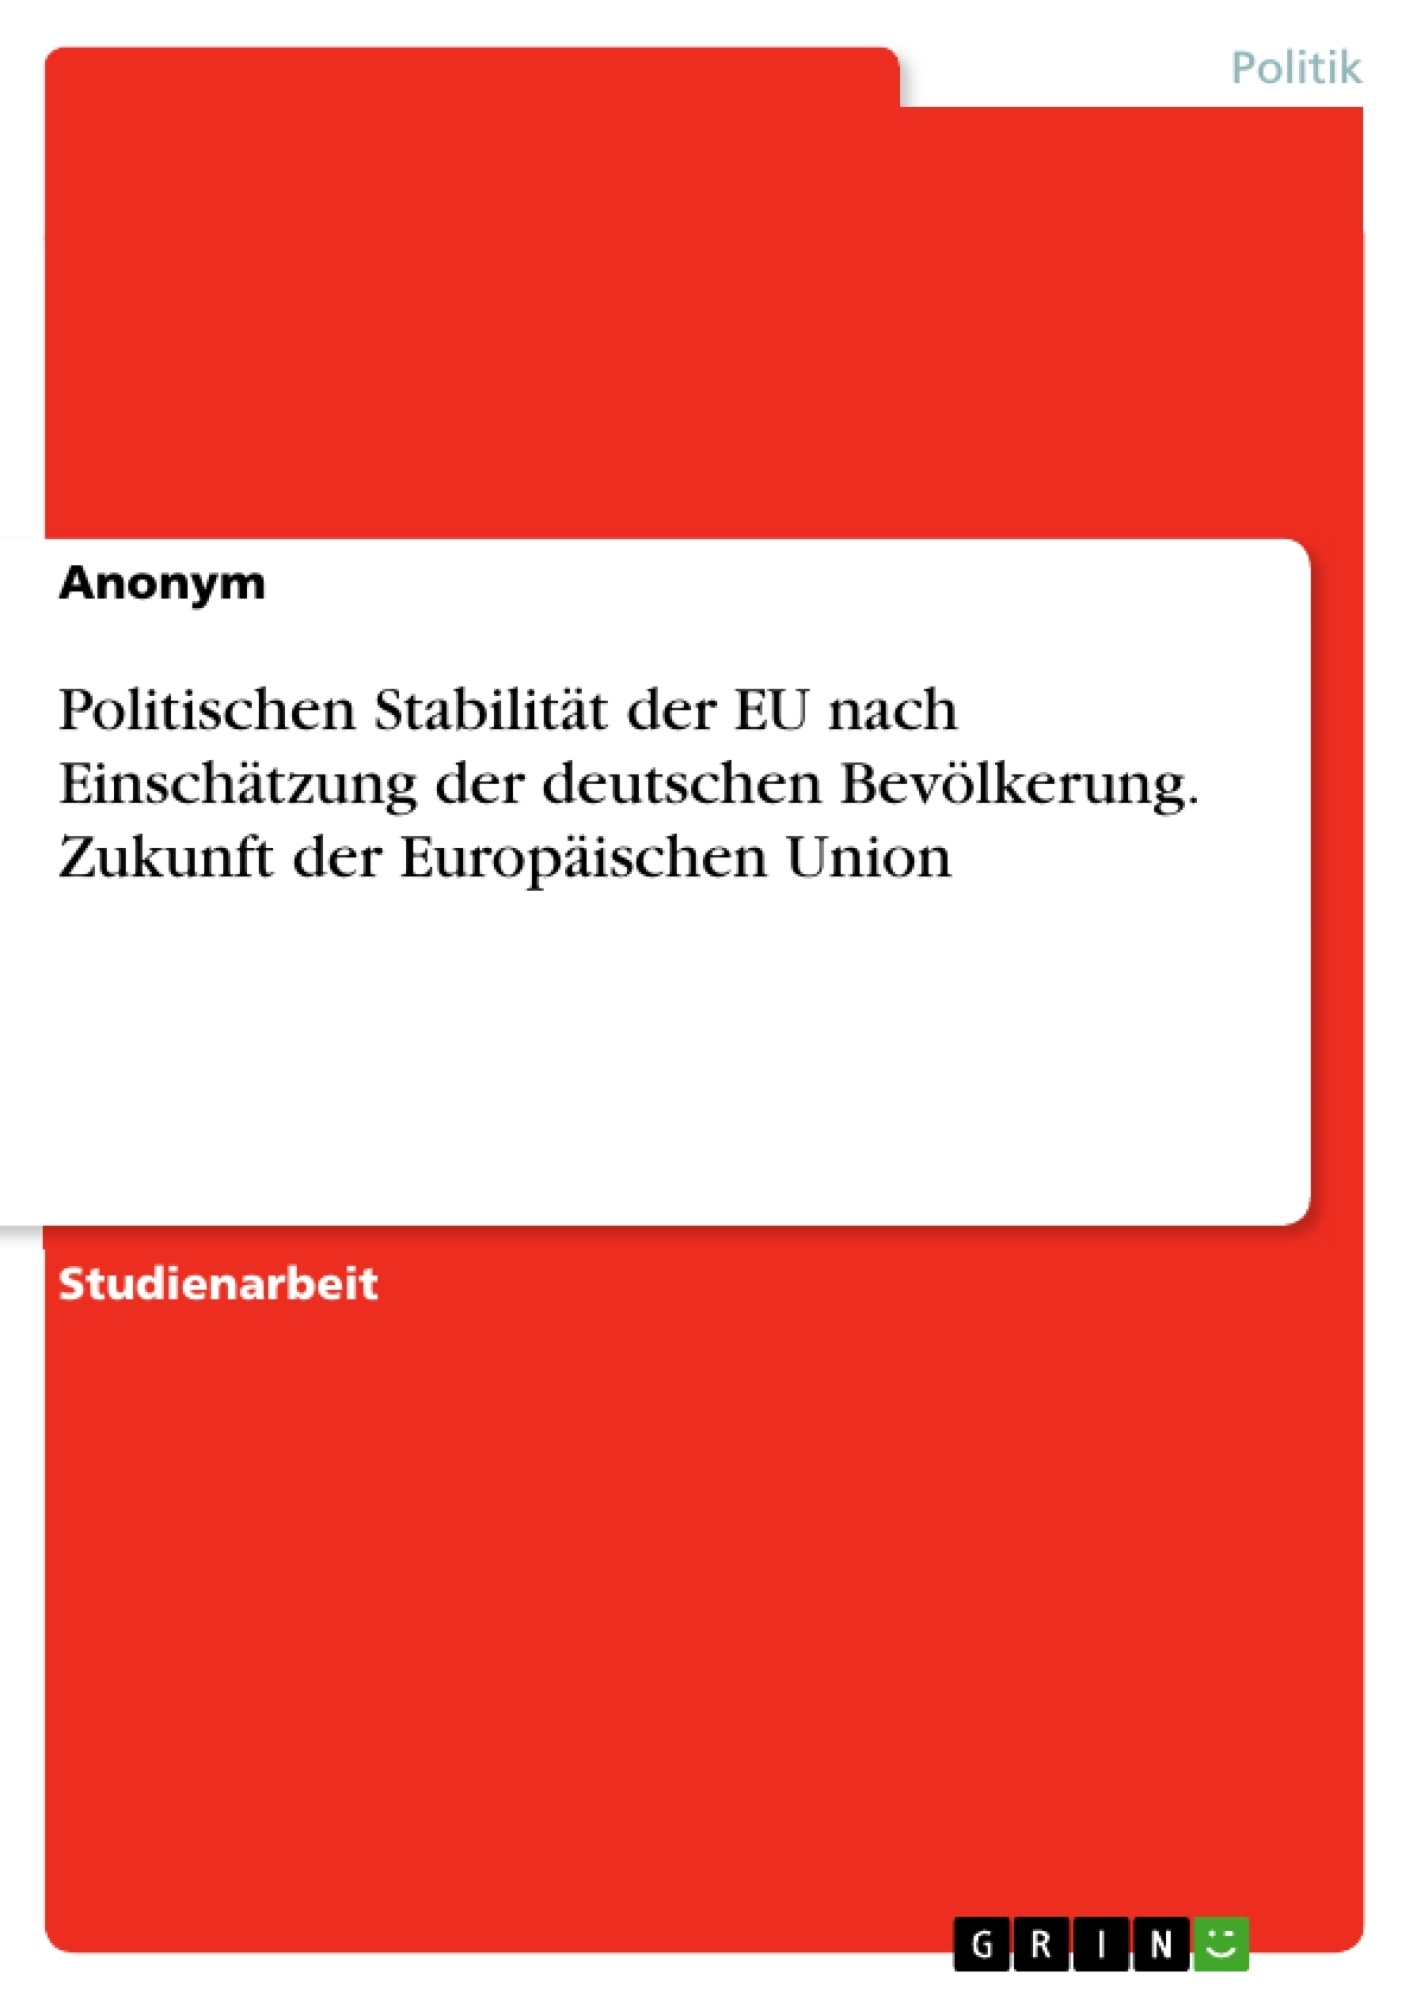 Titel: Politischen Stabilität der EU nach Einschätzung der deutschen Bevölkerung. Zukunft der Europäischen Union